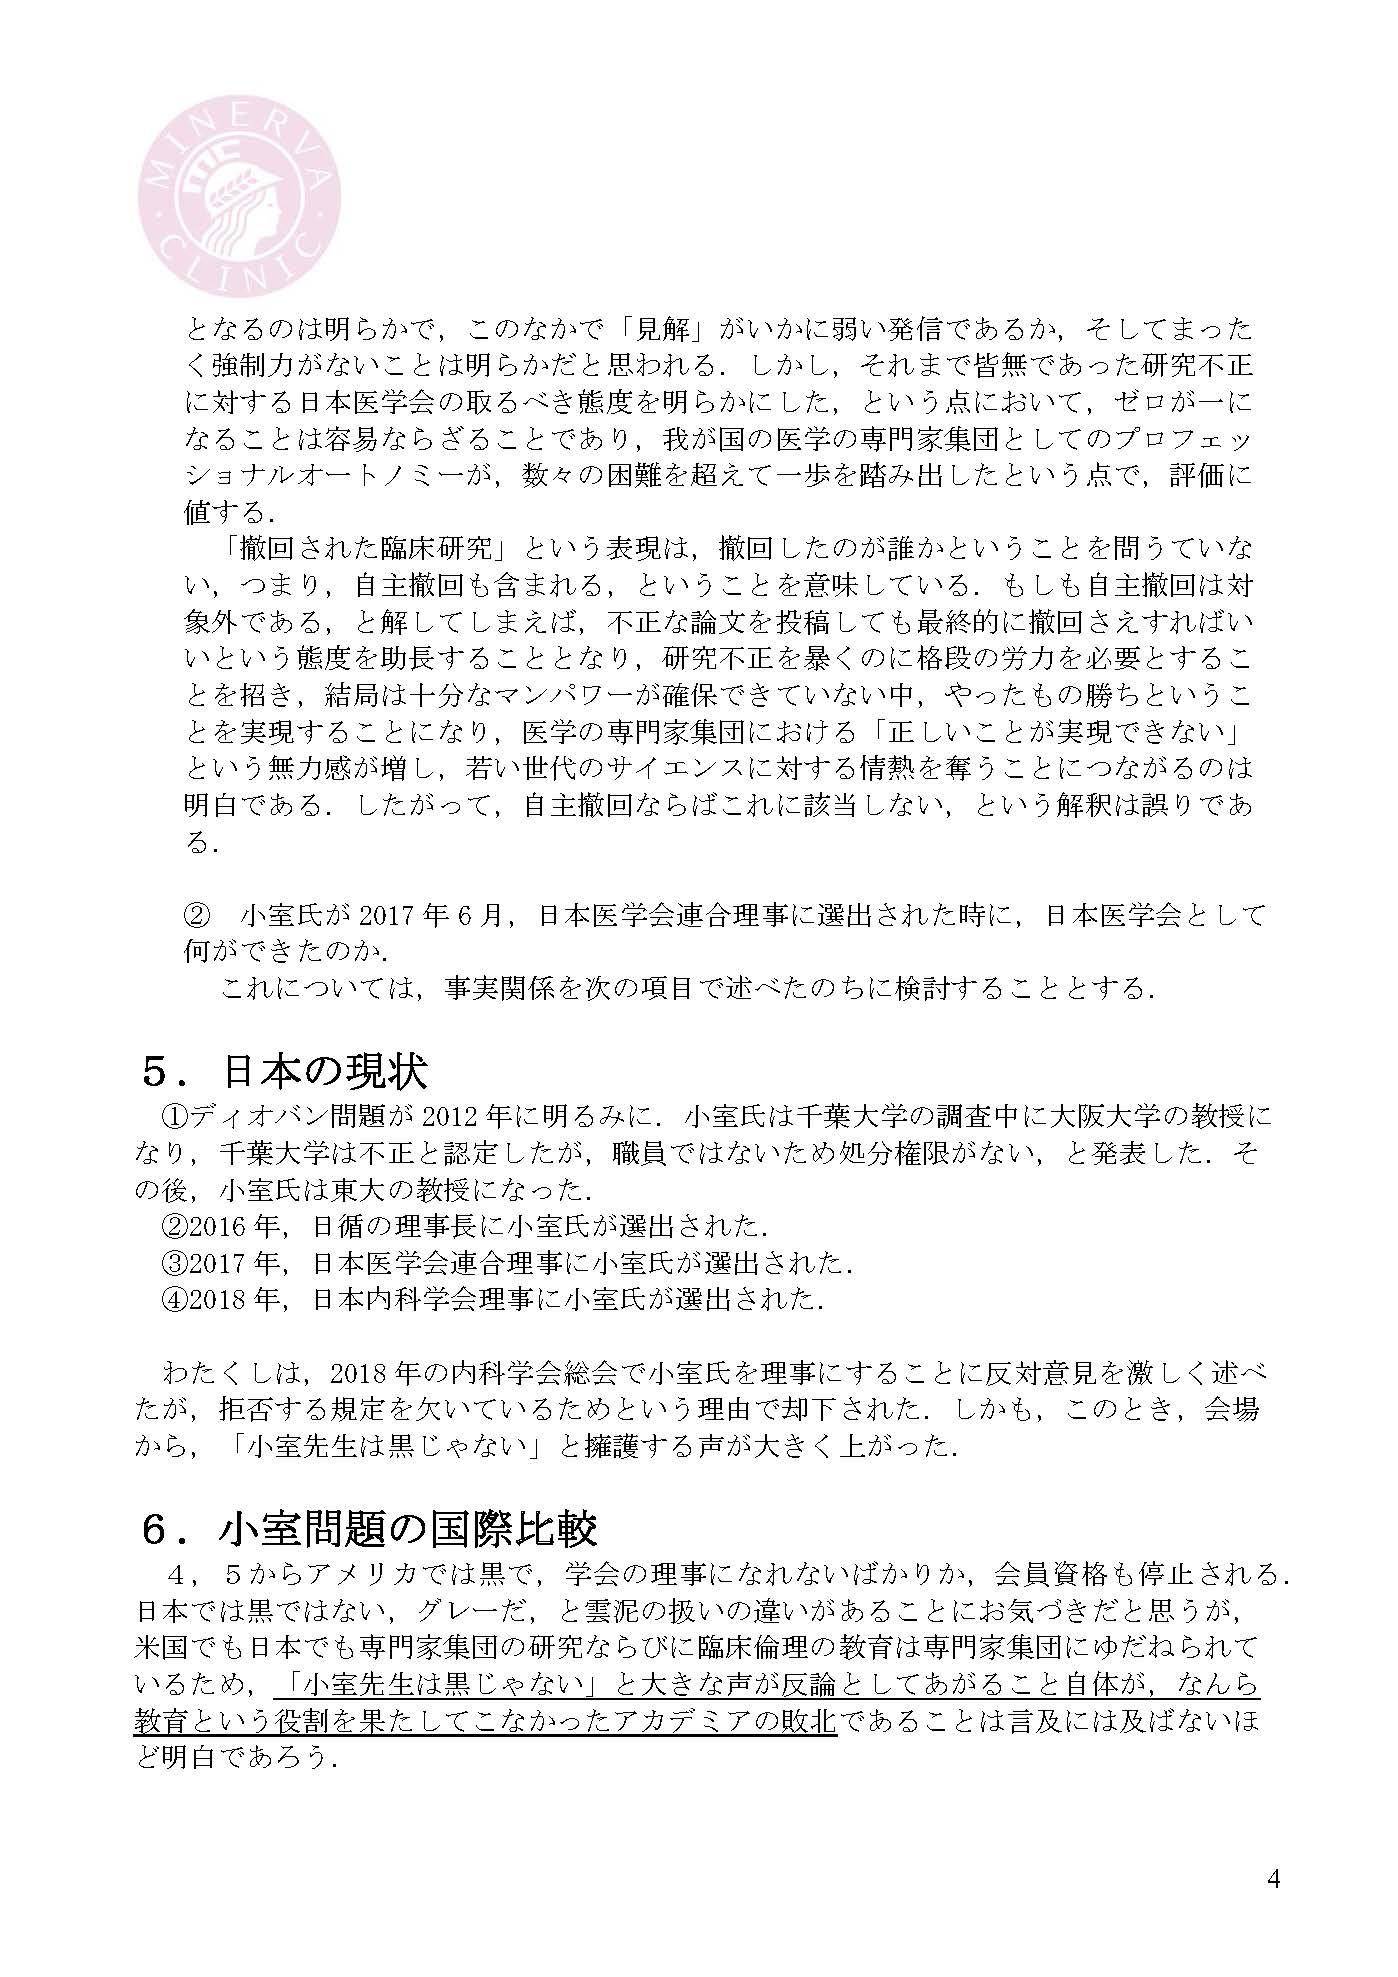 小室問題2019060201_ページ_4